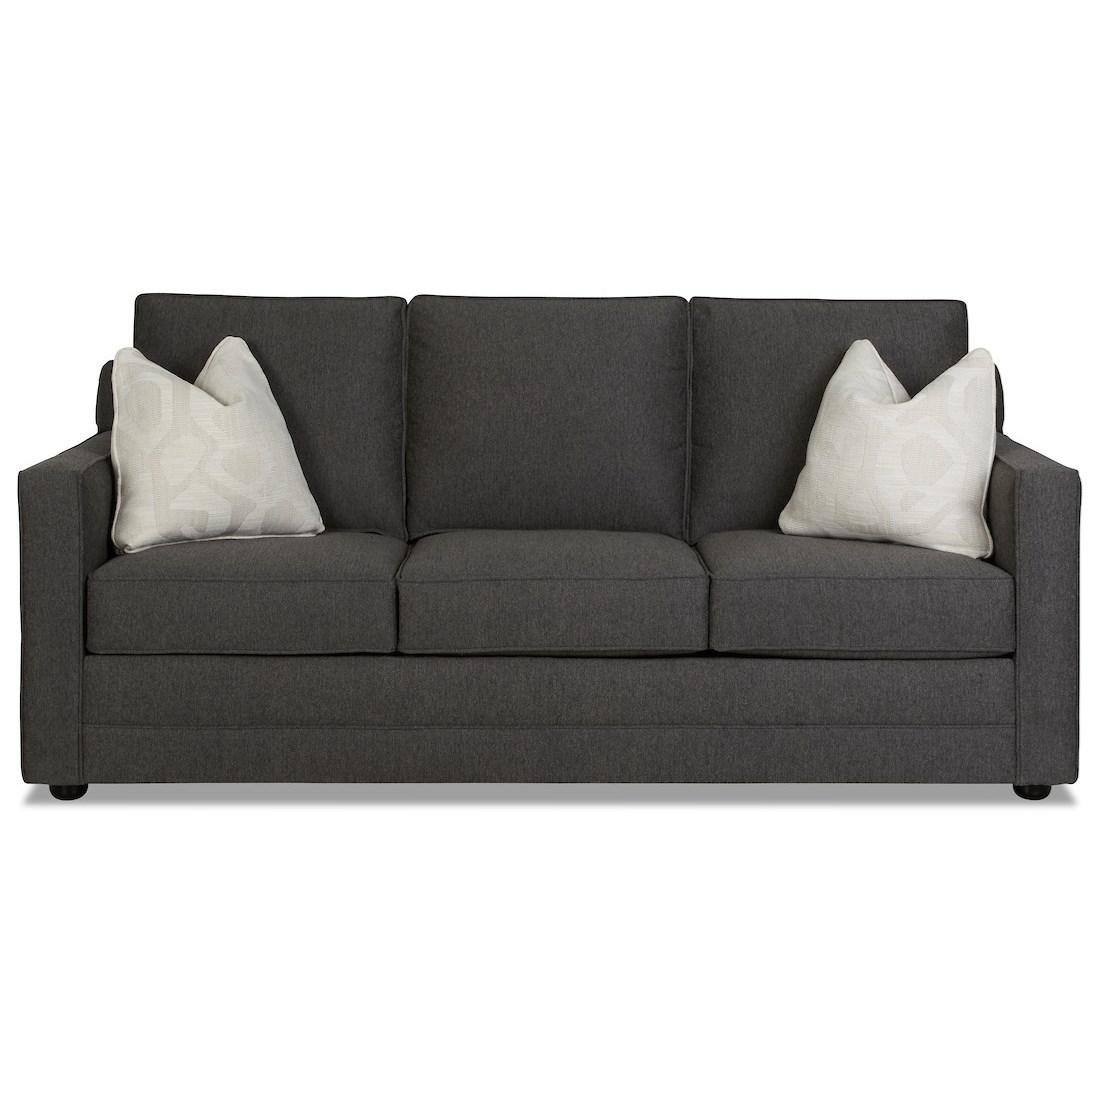 Queen Sleeper Sofa w/ Dreamquest Mattress